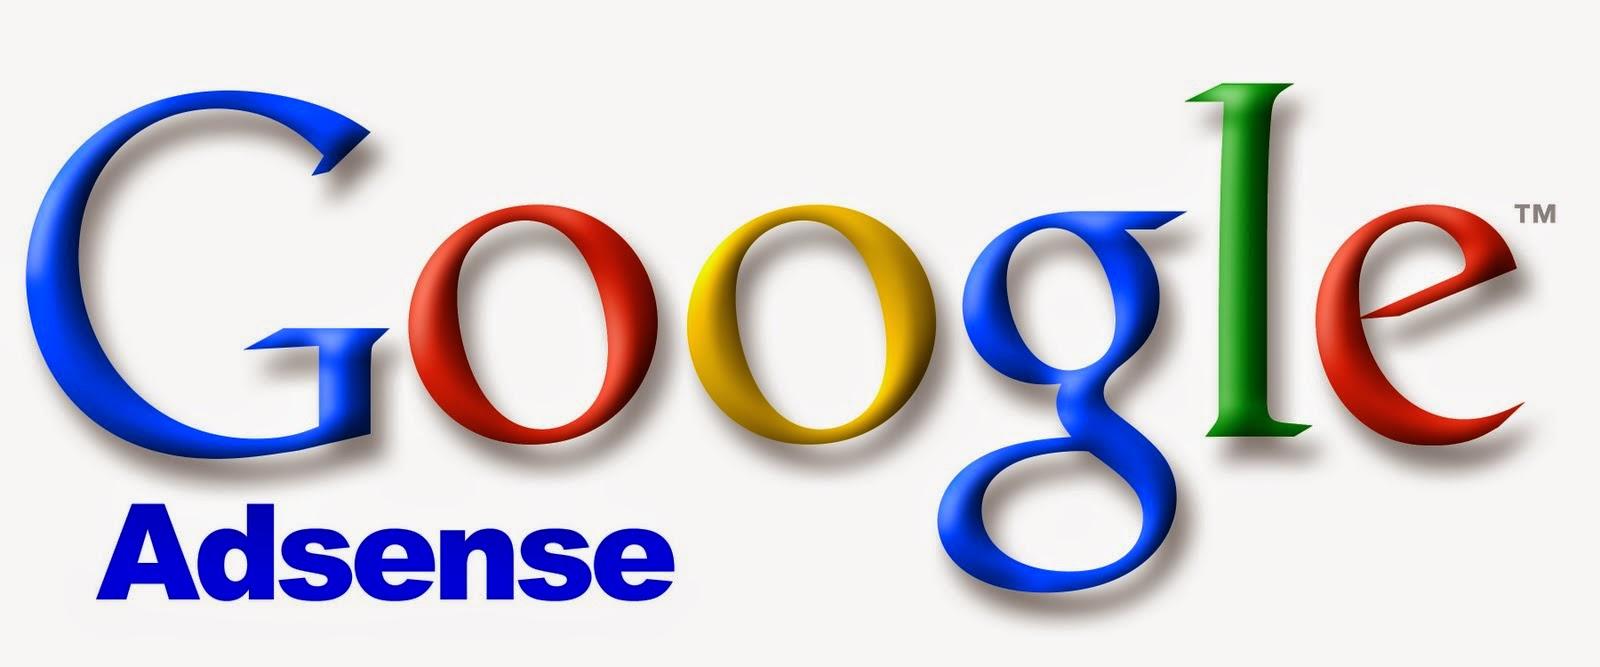 طريقة تضمين إعلانات جوجل أدسنس داخل المواضيع